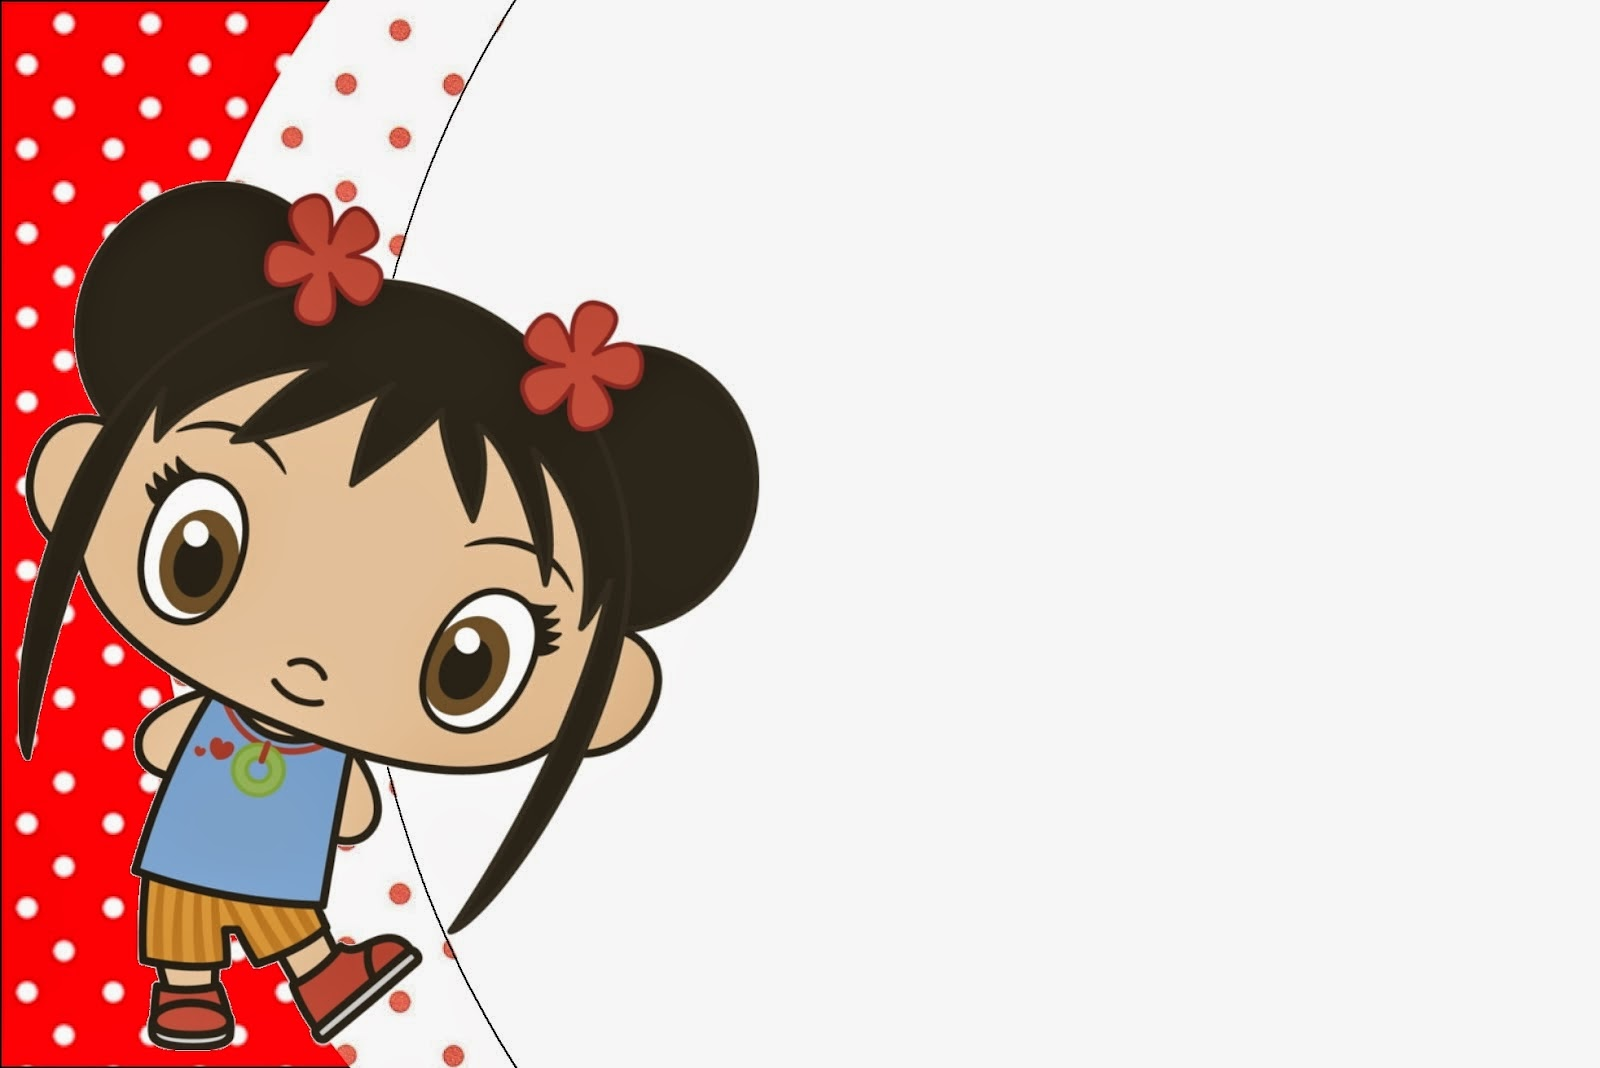 Para hacer invitaciones, tarjetas, marcos de fotos o etiquetas, para imprimir gratis de Ni Hao Kai Lan.